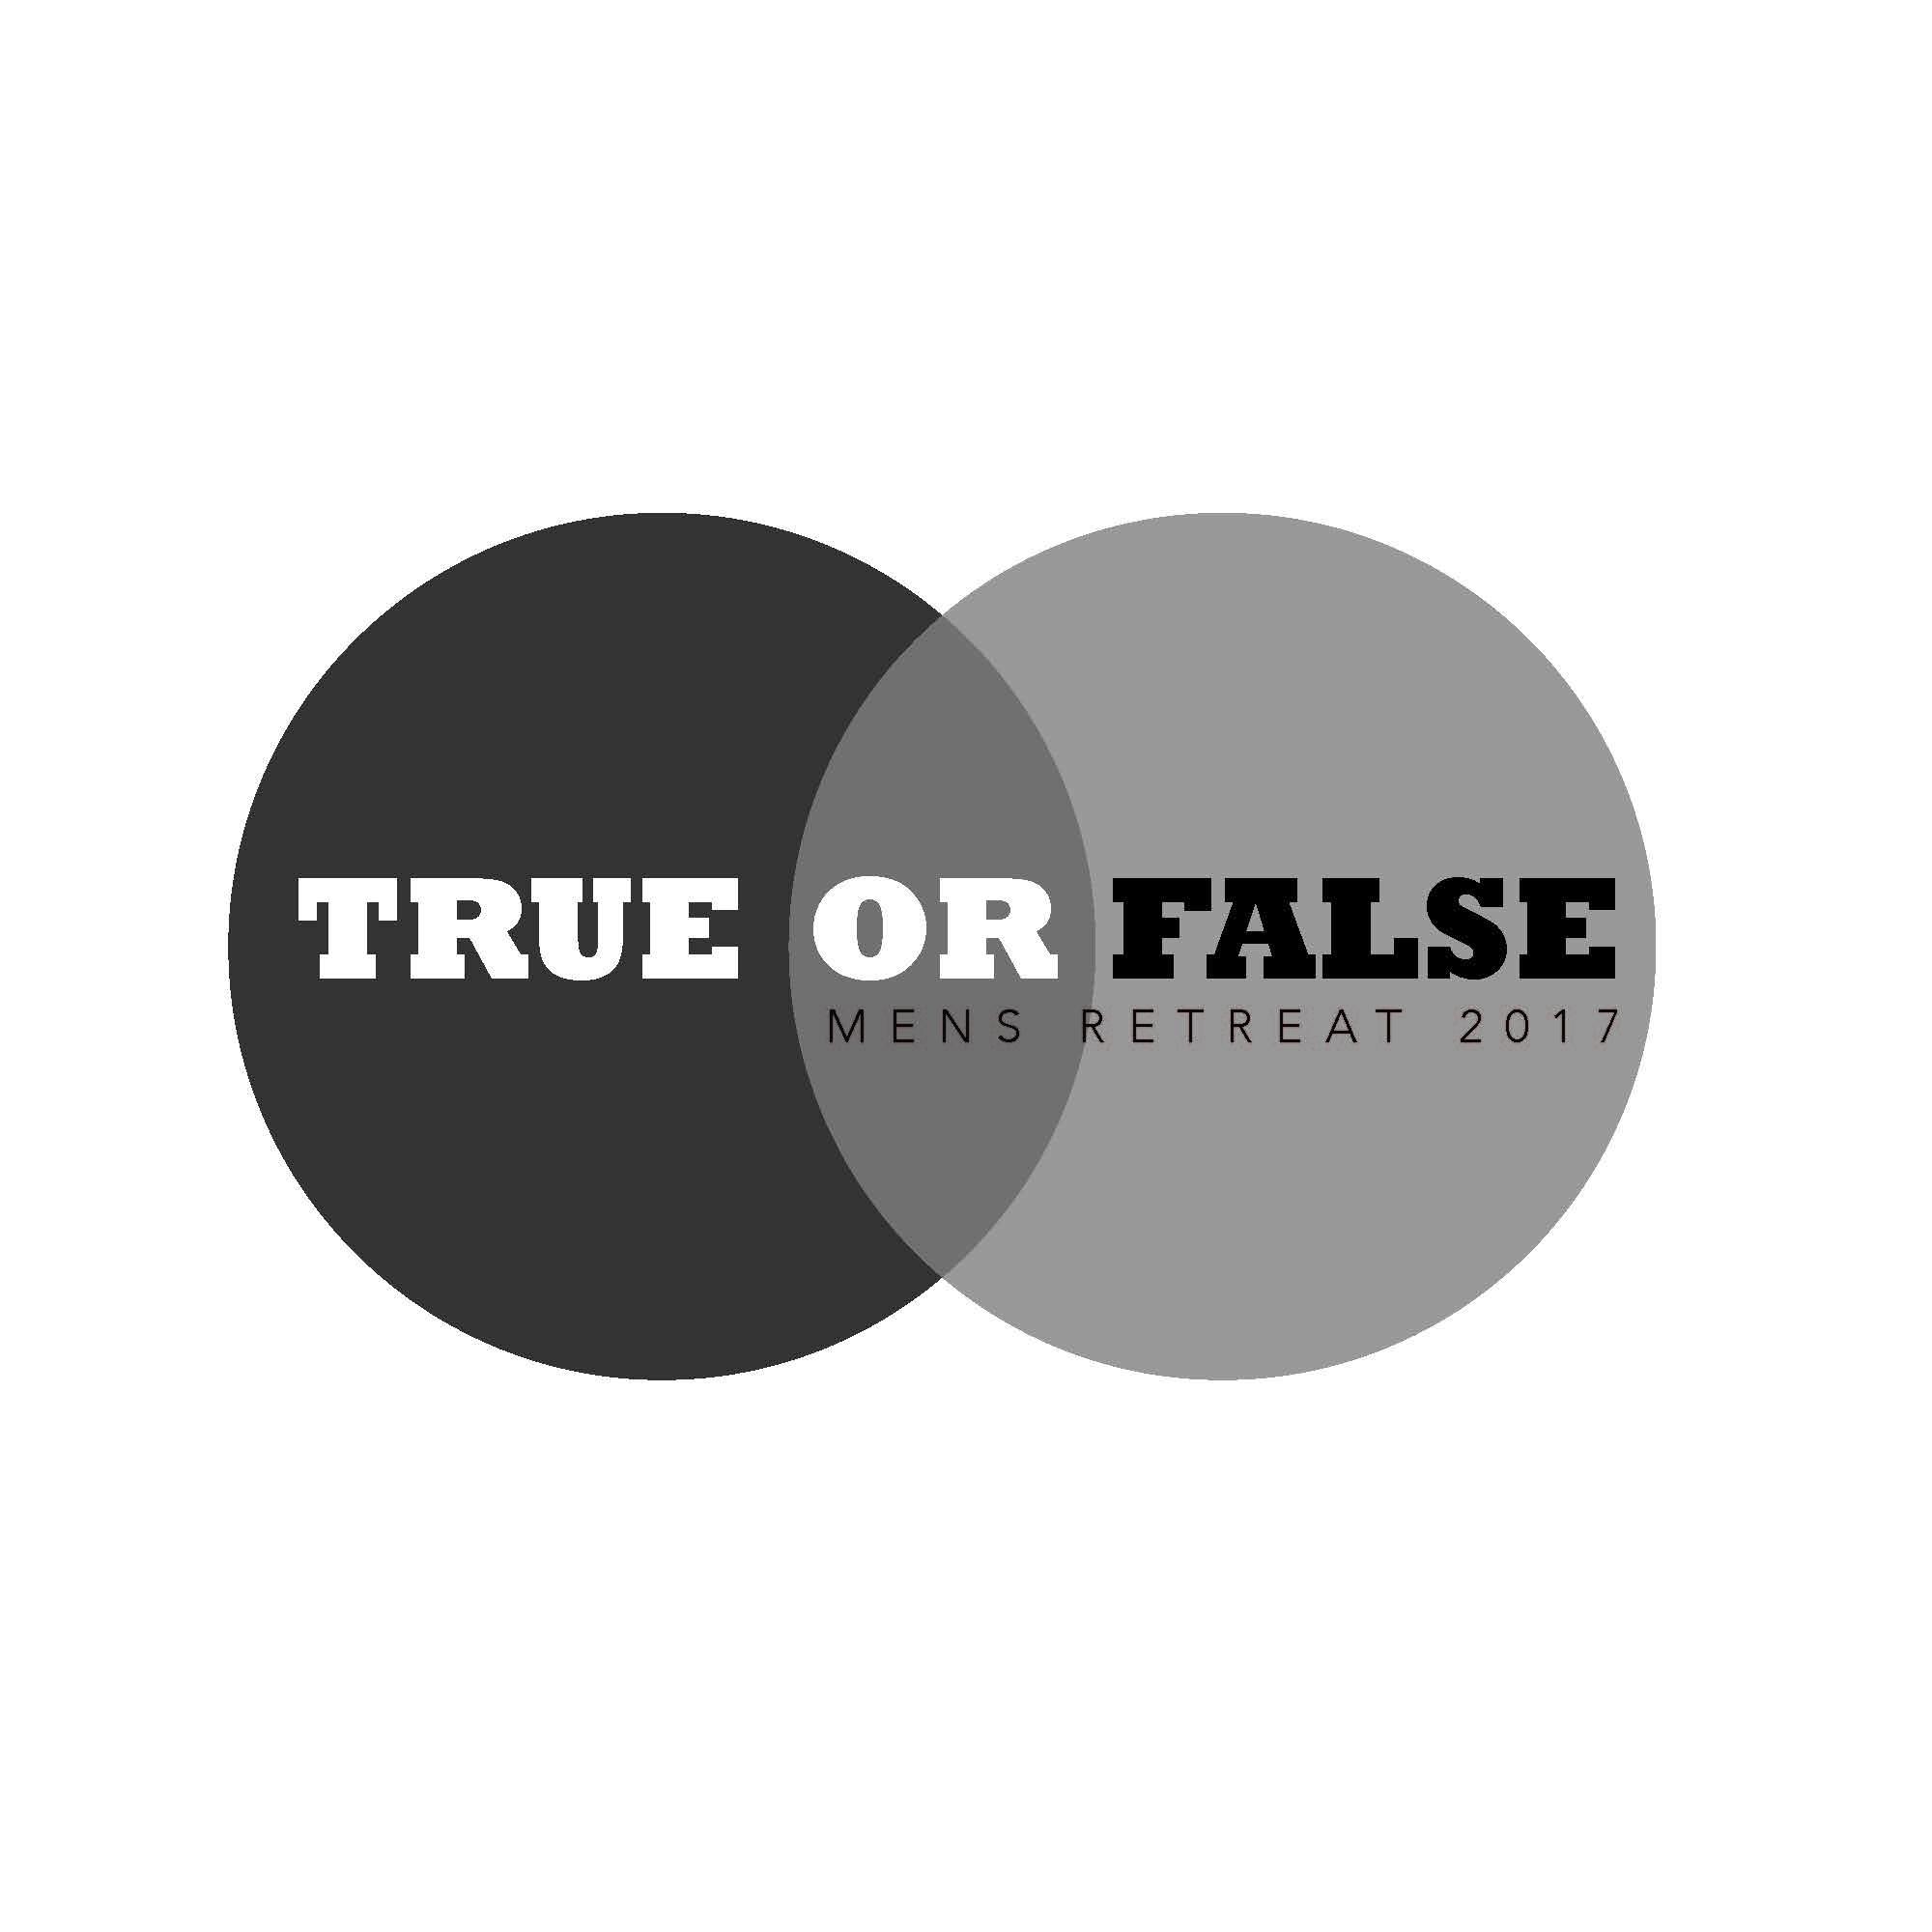 True or false mens retreat 2017 logo  1